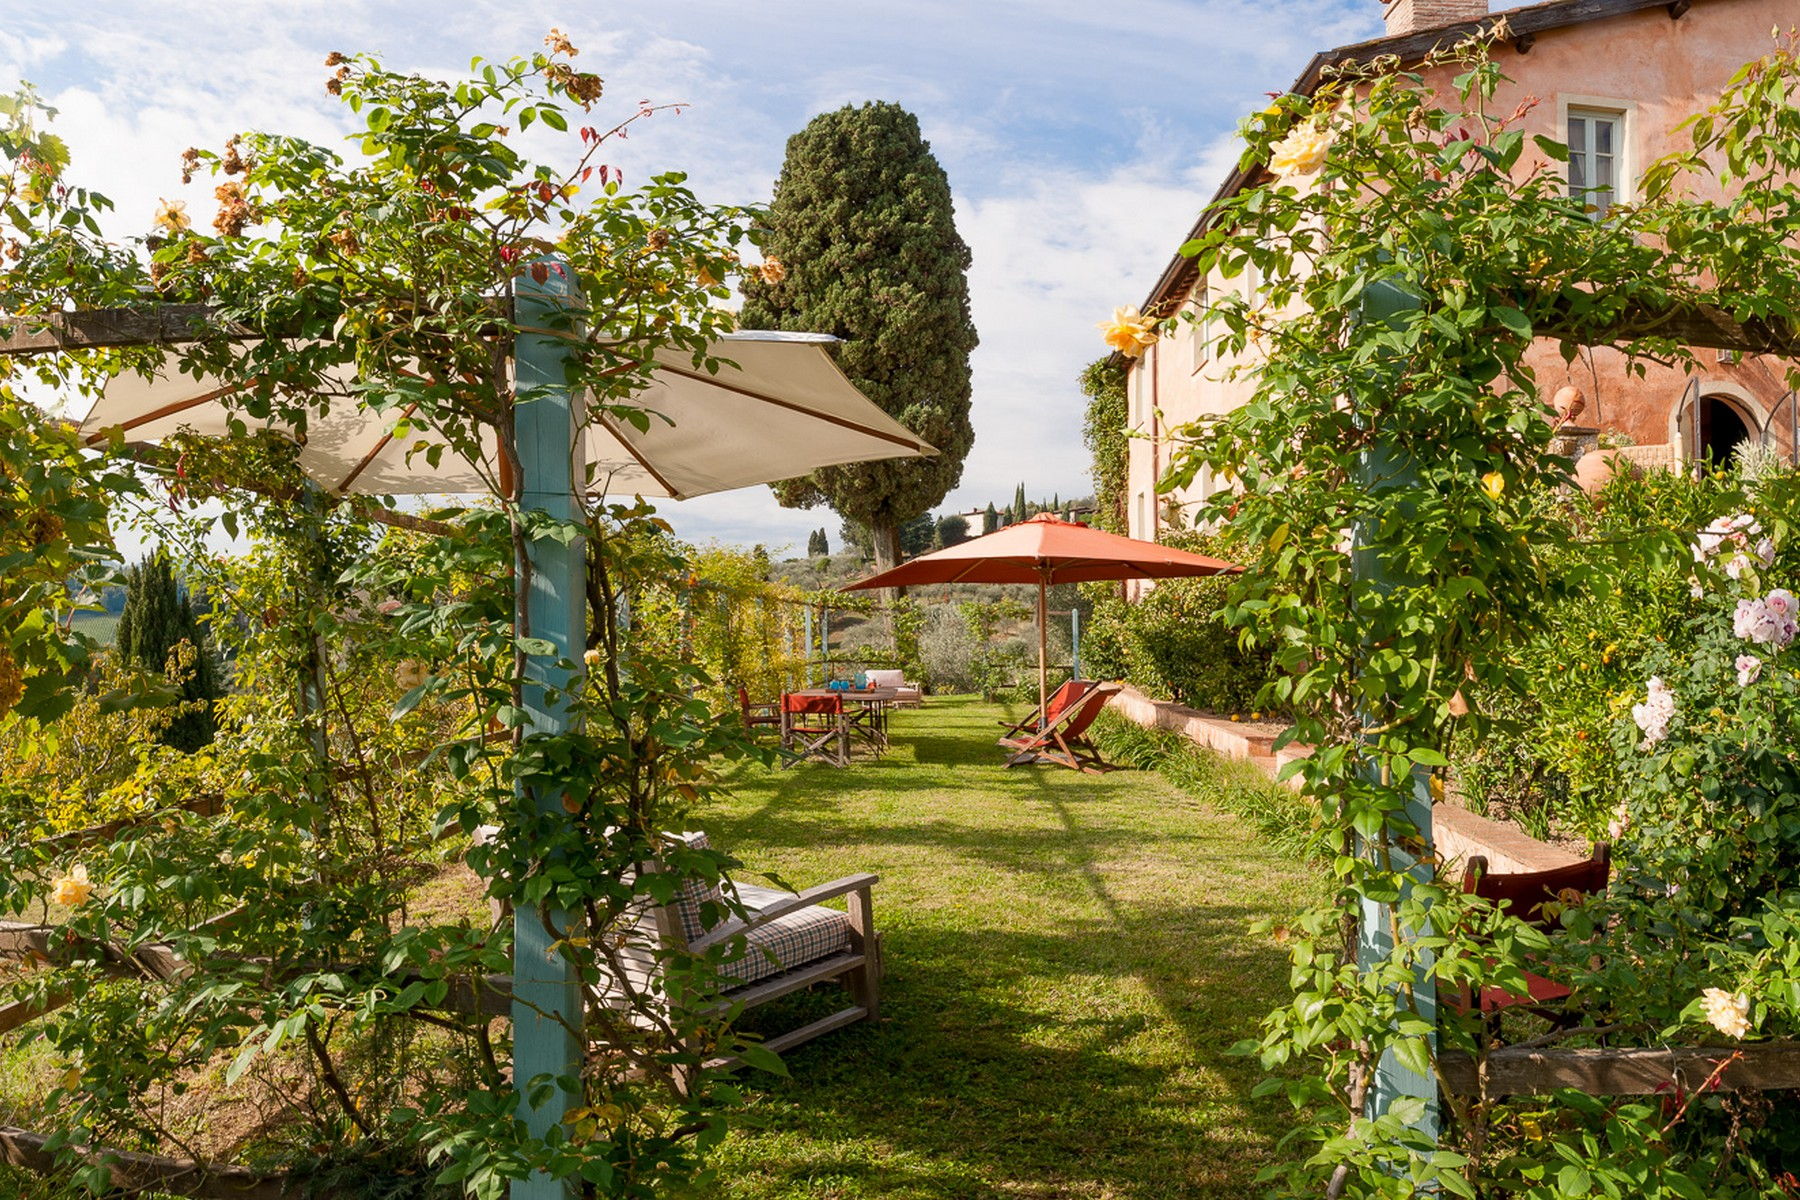 Merveilleuse ferme avec un incroyable jardin dans la campagne de Lucca